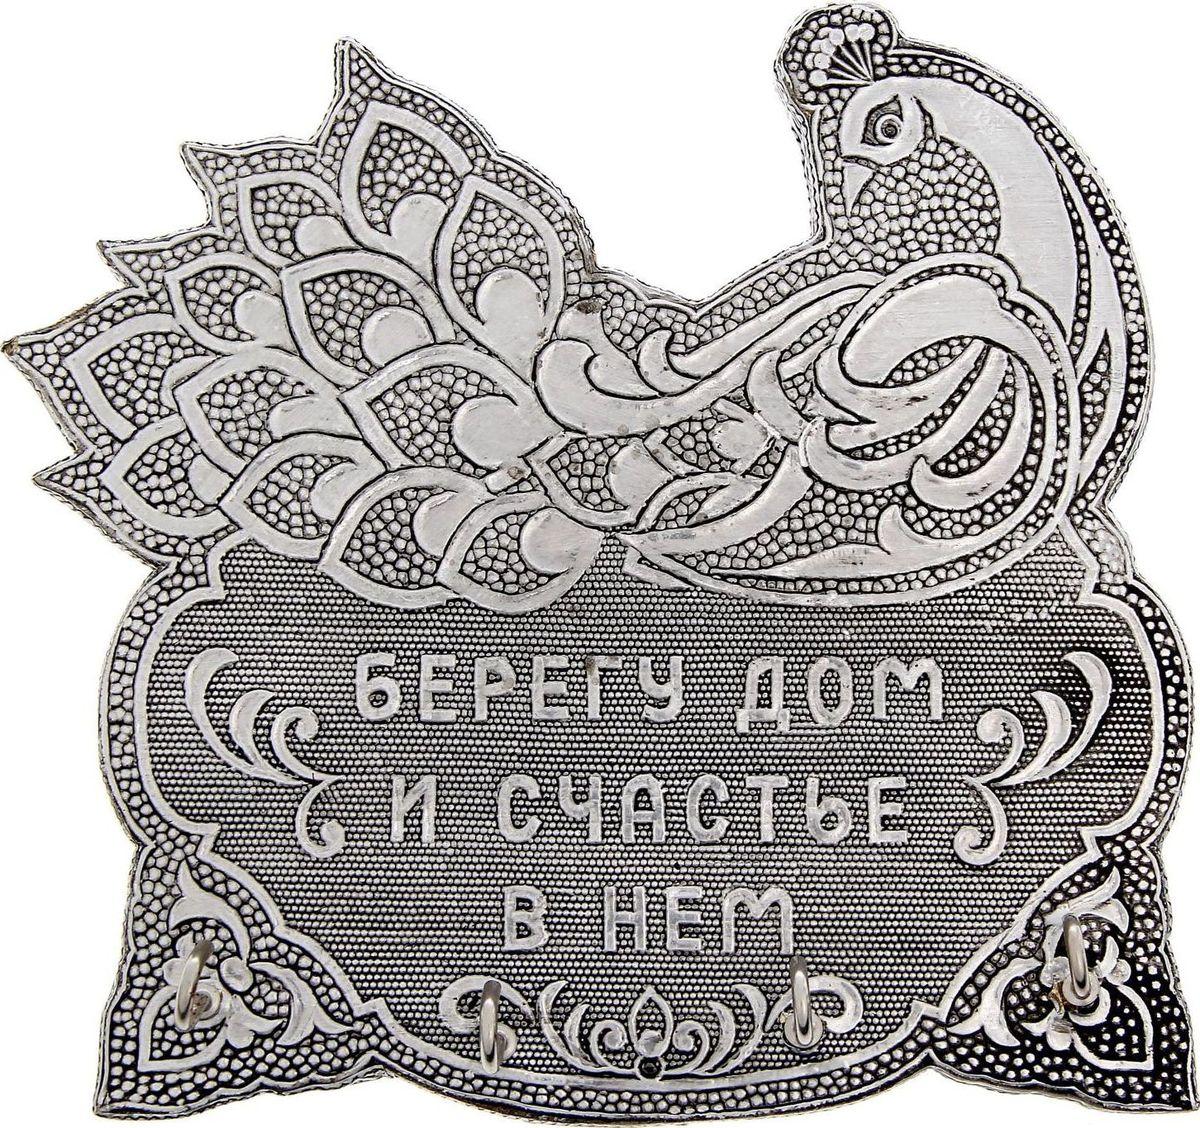 Ключница настенная NoName Берегу дом и счастье в нем, 16,5 х 15,8 х 3 см1259443Как важно, чтобы в доме все находилось на своих местах, особенно те вещи, которые имеют привычку пропадать в самый неподходящий момент. Например, ключи!Порядок в доме обеспечит прочное изделие, выполненное из крепкого алюминия и дерева. Узорчатая ключница в форме птицы принесет уют и счастье в ваш дом. Крепление на тыльной стороне позволяет легко прикрепить ее к стене. Изделие имеет 4 удобных крючка, и оформлена надписью Берегу дом и счастье в нем.Такая ключница станет и прекрасным подарком близким, и незаменимым украшением дома.